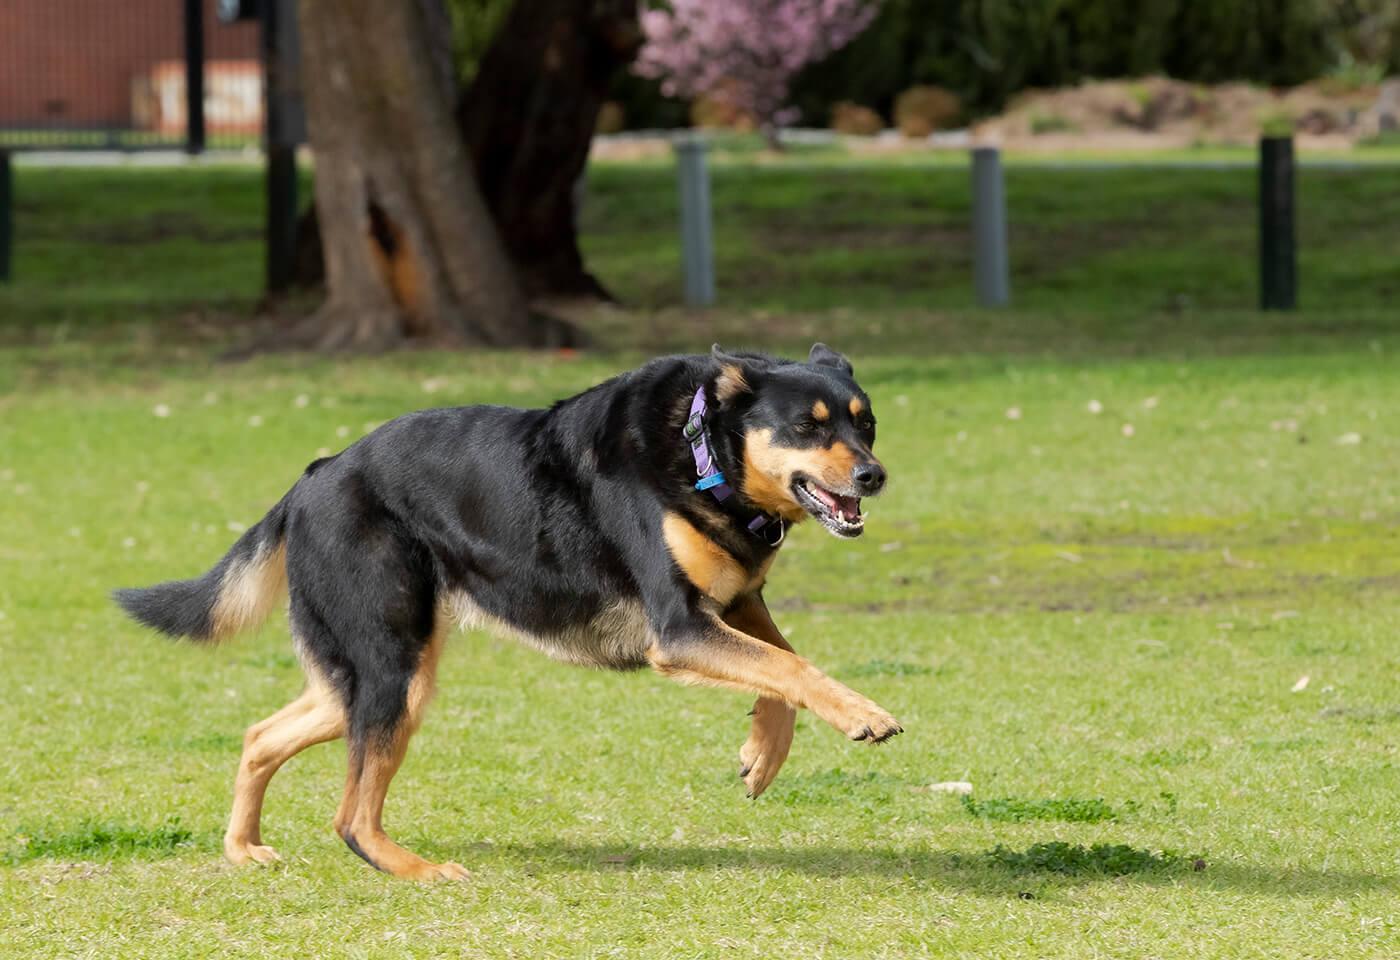 Image of a dog by Steve Huddy